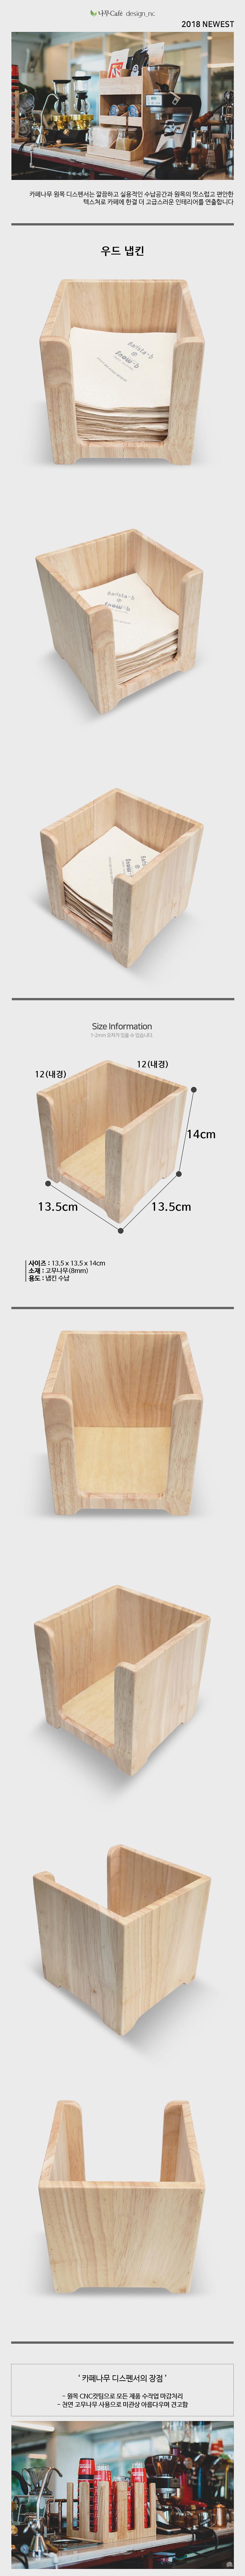 원목 냅킨 디스펜서 - 디자인엔씨, 22,800원, 주방수납용품, 수납함